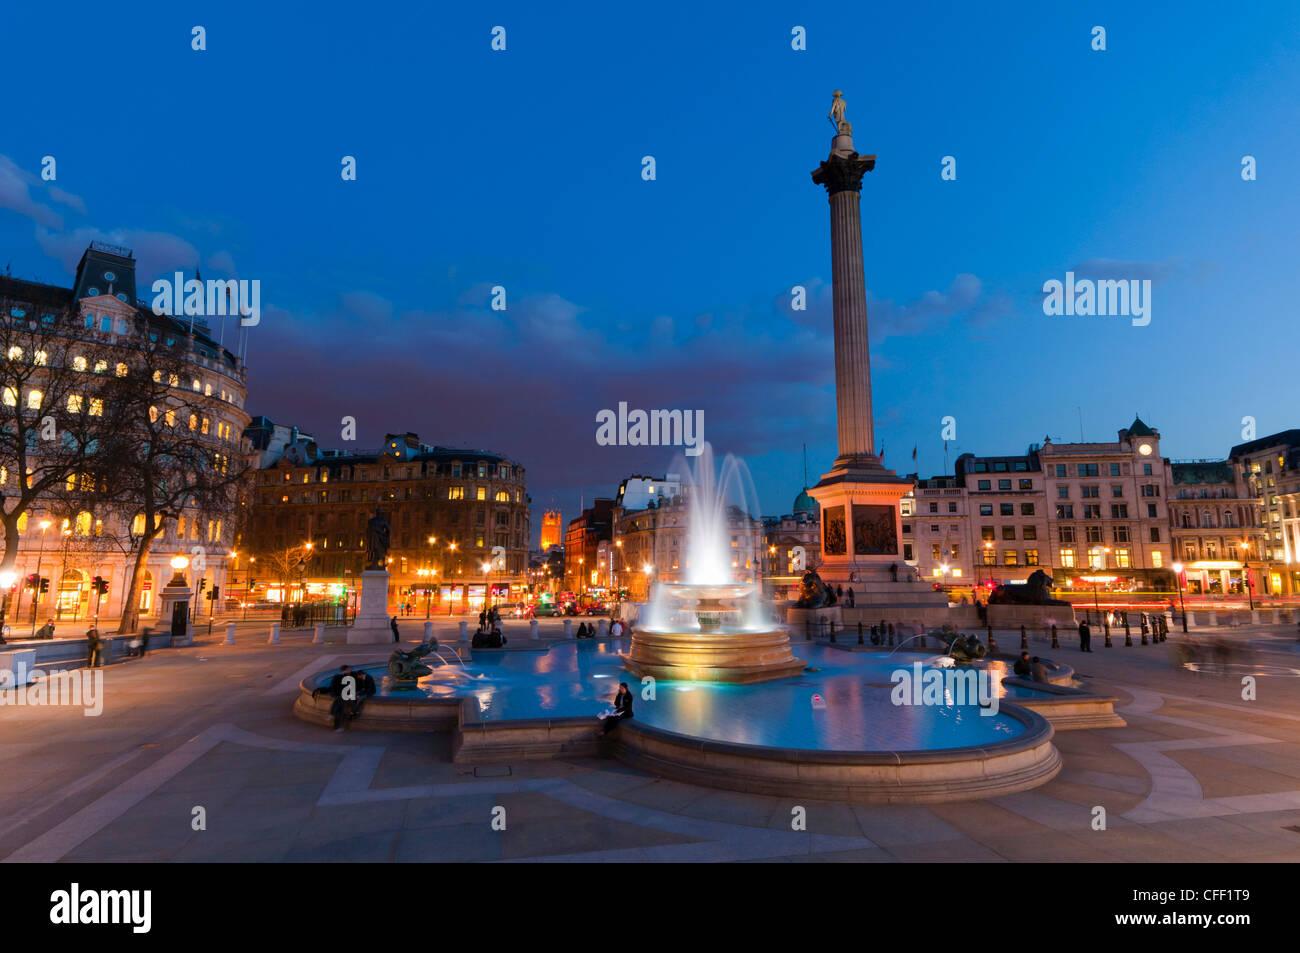 Colonna di Nelson e Trafalgar Square, London, England, Regno Unito, Europa Immagini Stock